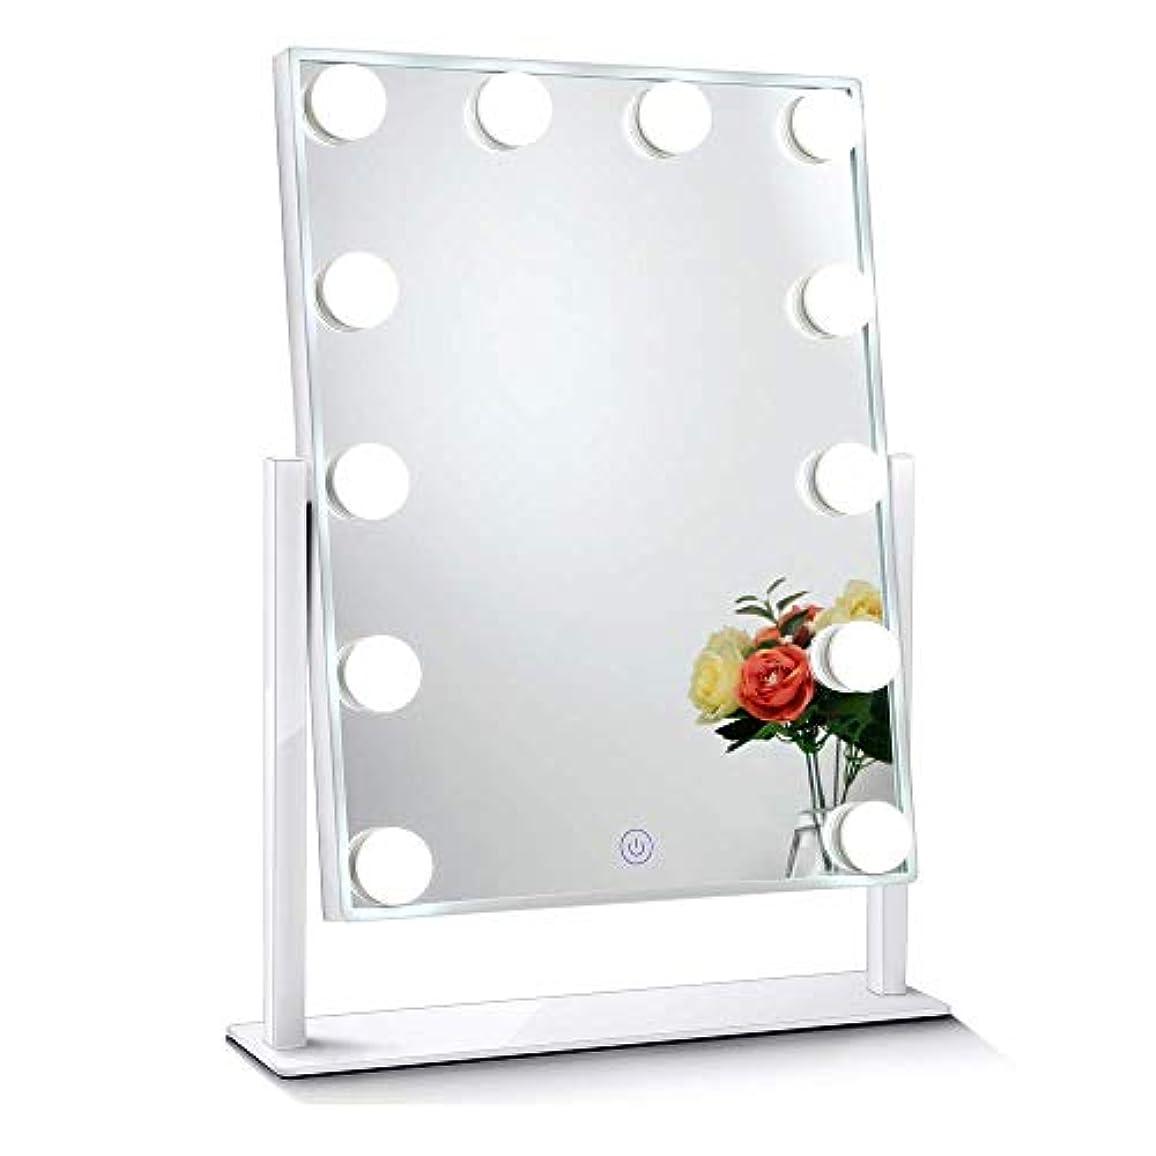 冷える醜いネックレット女優ミラー 化粧鏡 ハリウッドスタイル 12LED電球付き 明るさ調節可能 女優ライト 卓上 ドレッサー 40*30 (ホワイト)